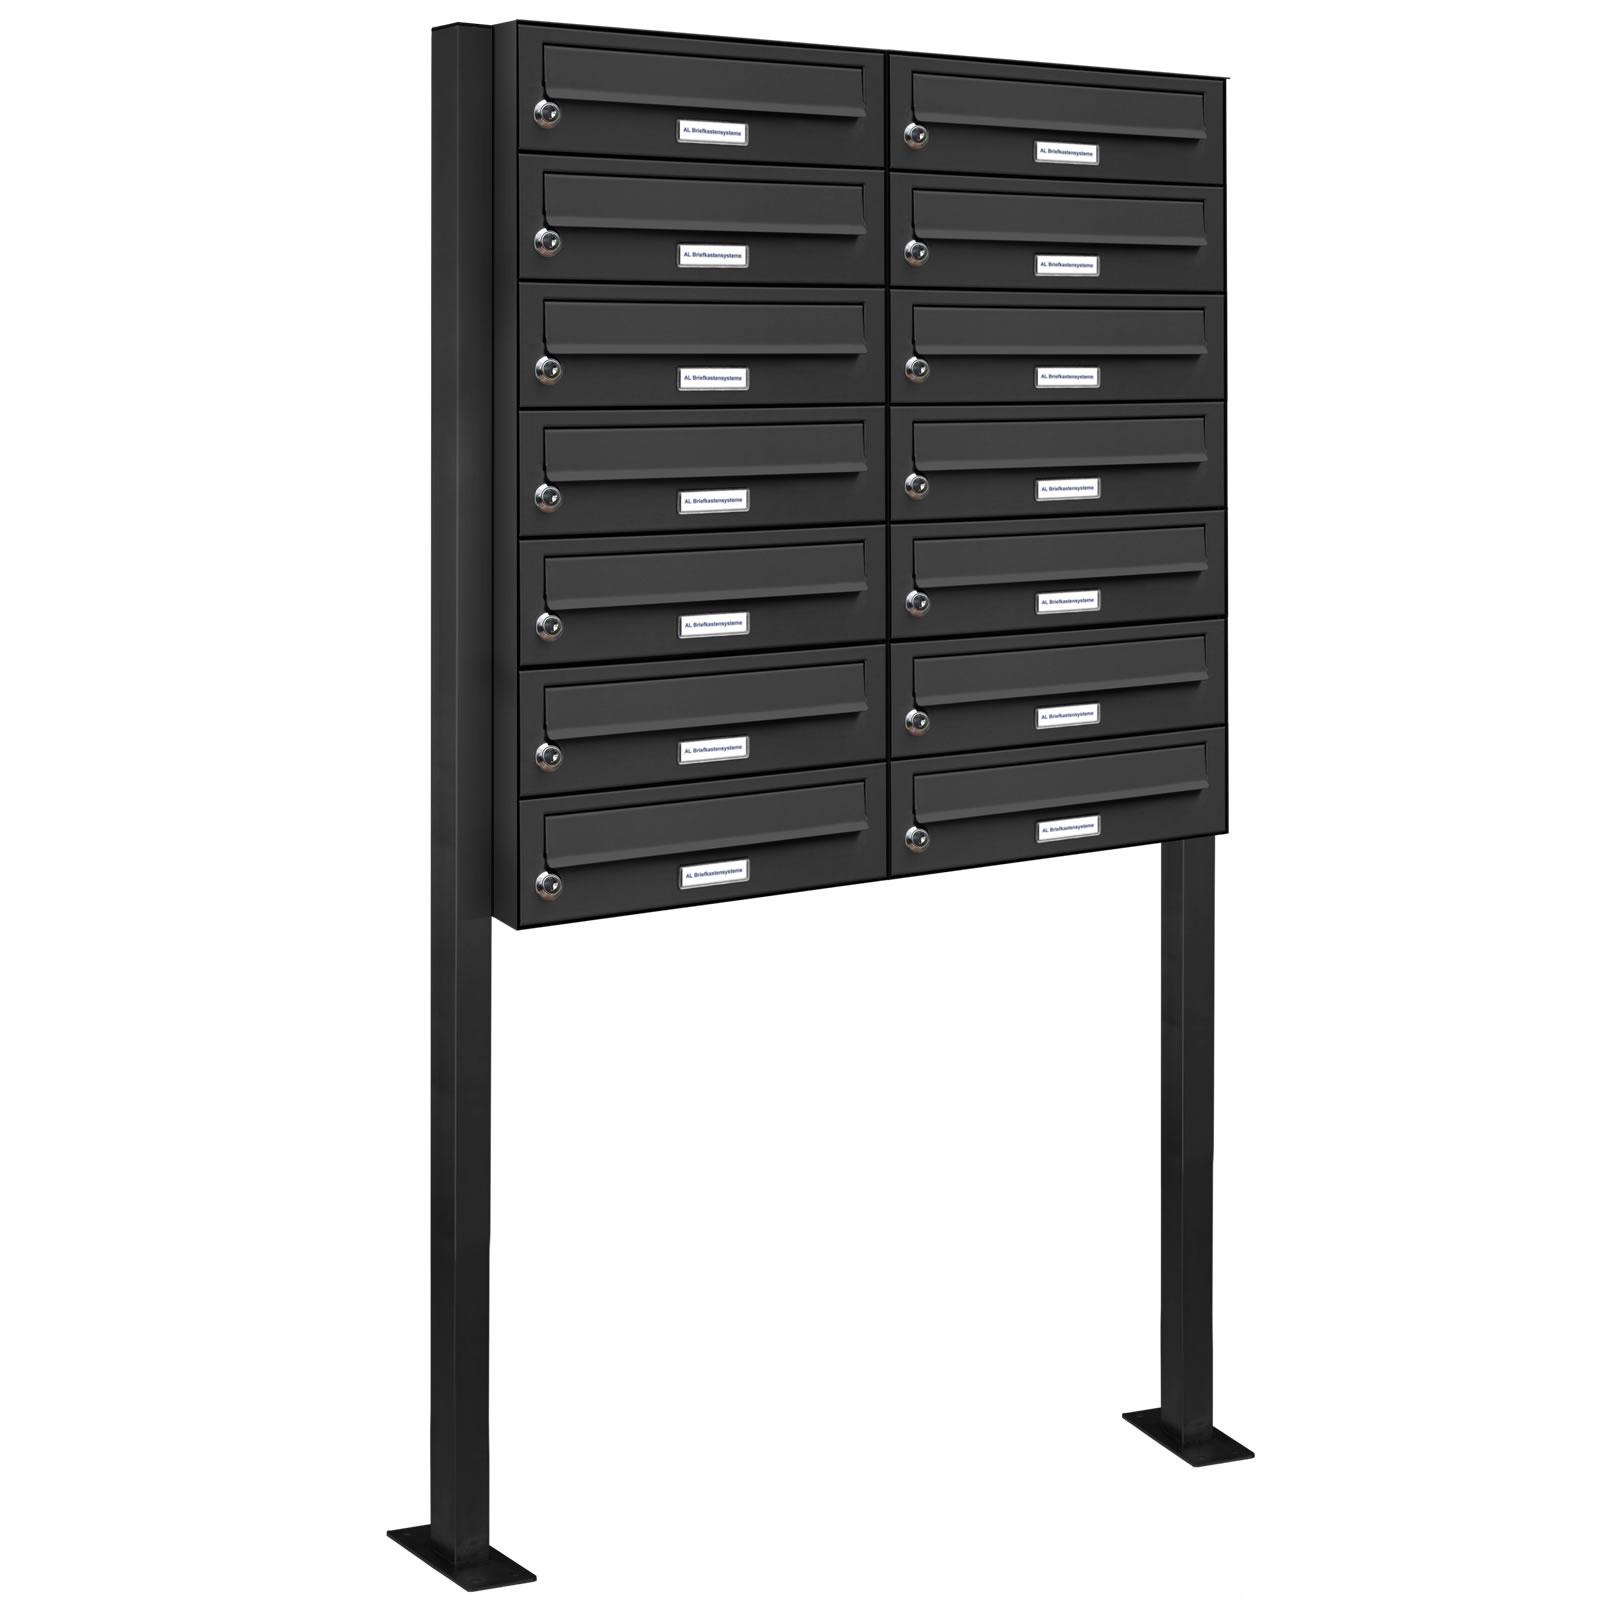 14er 2x7 standbriefkasten anlage freistehend ral 7016. Black Bedroom Furniture Sets. Home Design Ideas